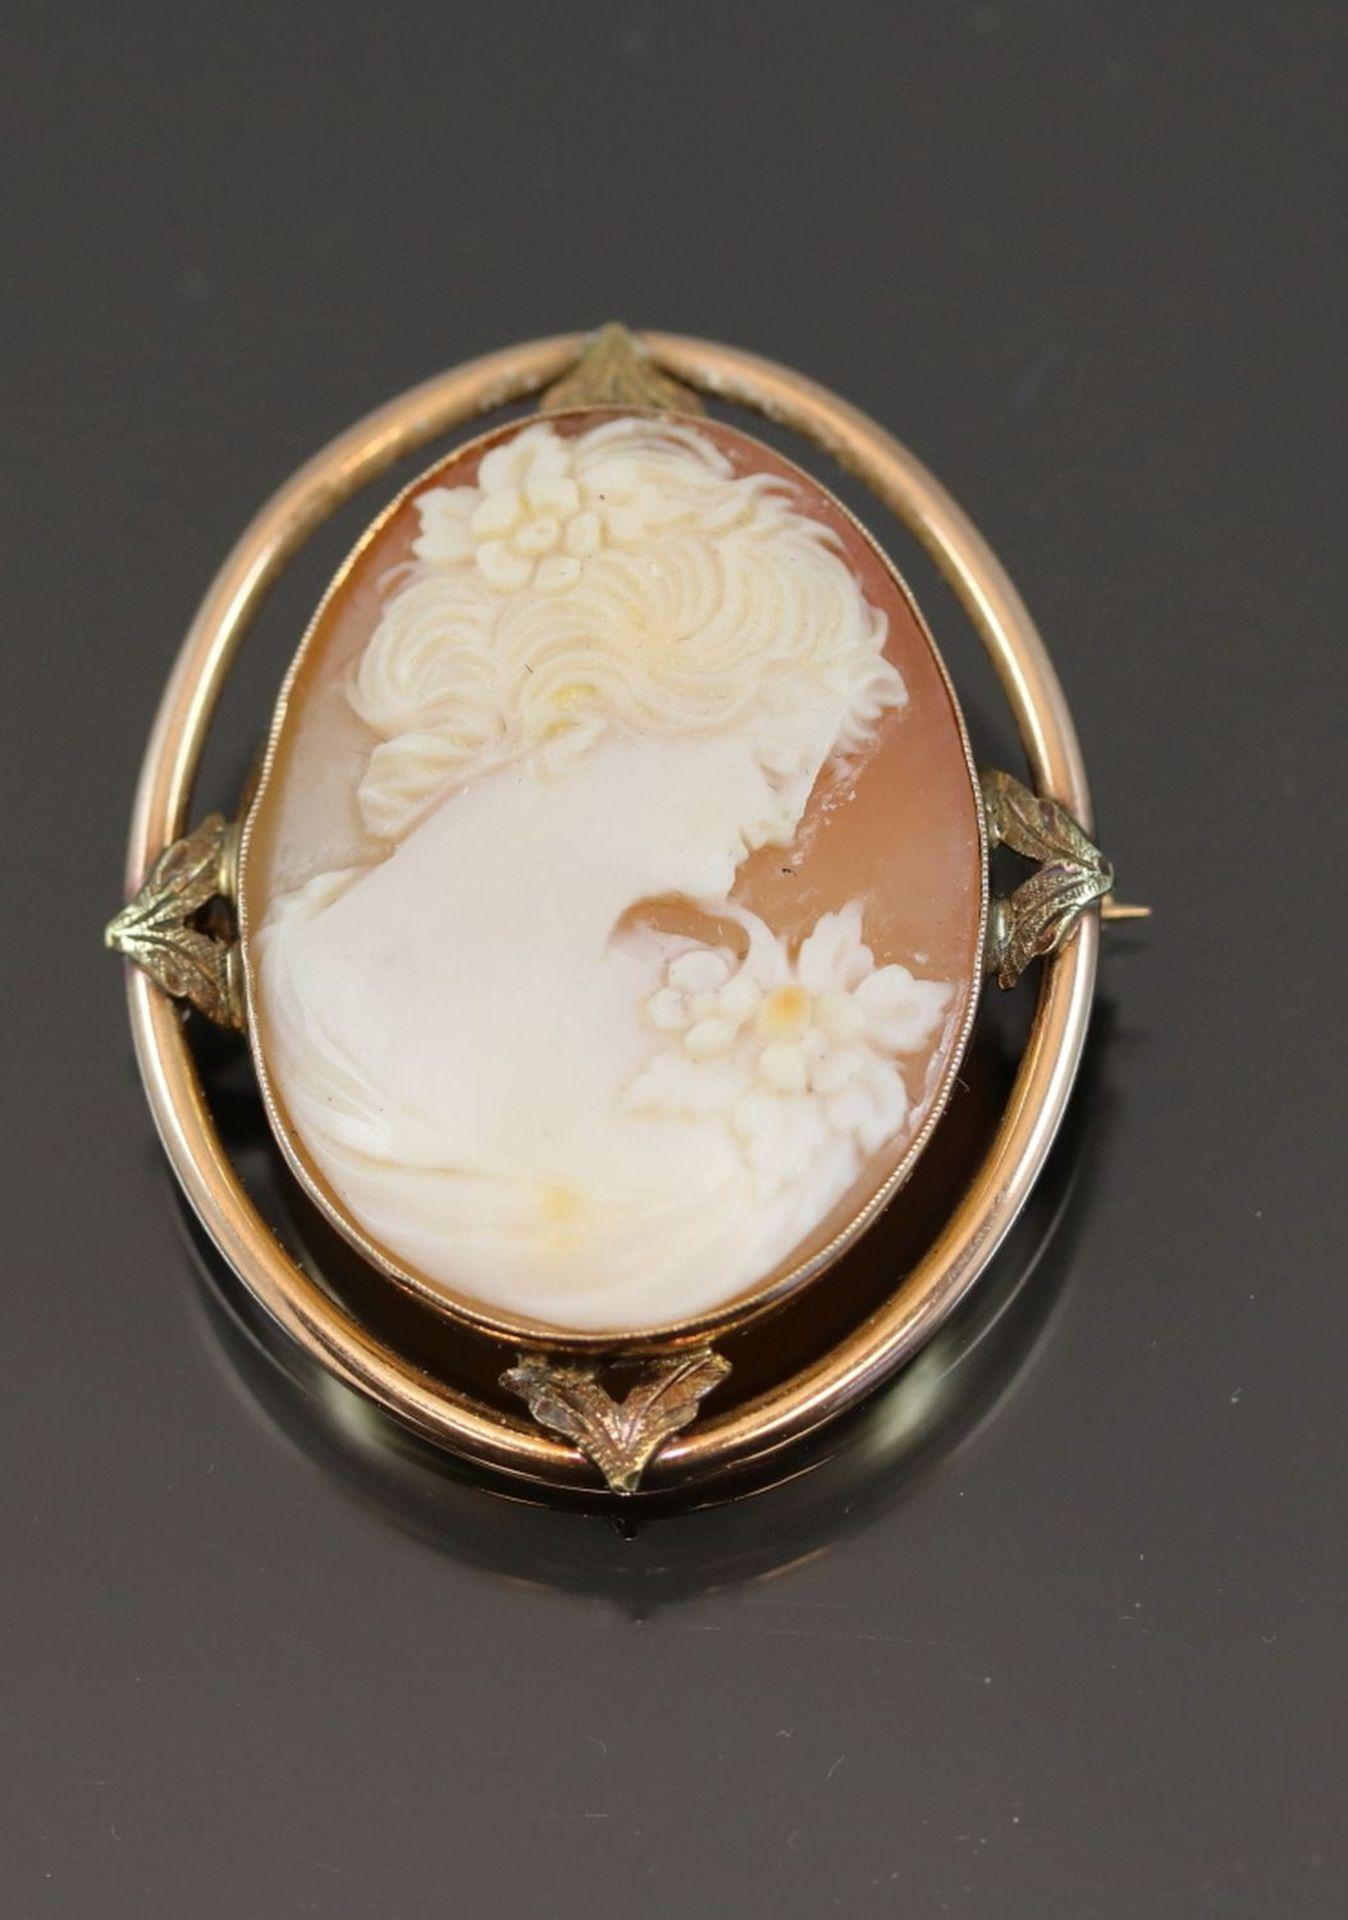 Gemme-Brosche, 375 Gold5,8 Gramm Breite: 3,1 cm, Länge: 3,6 cm